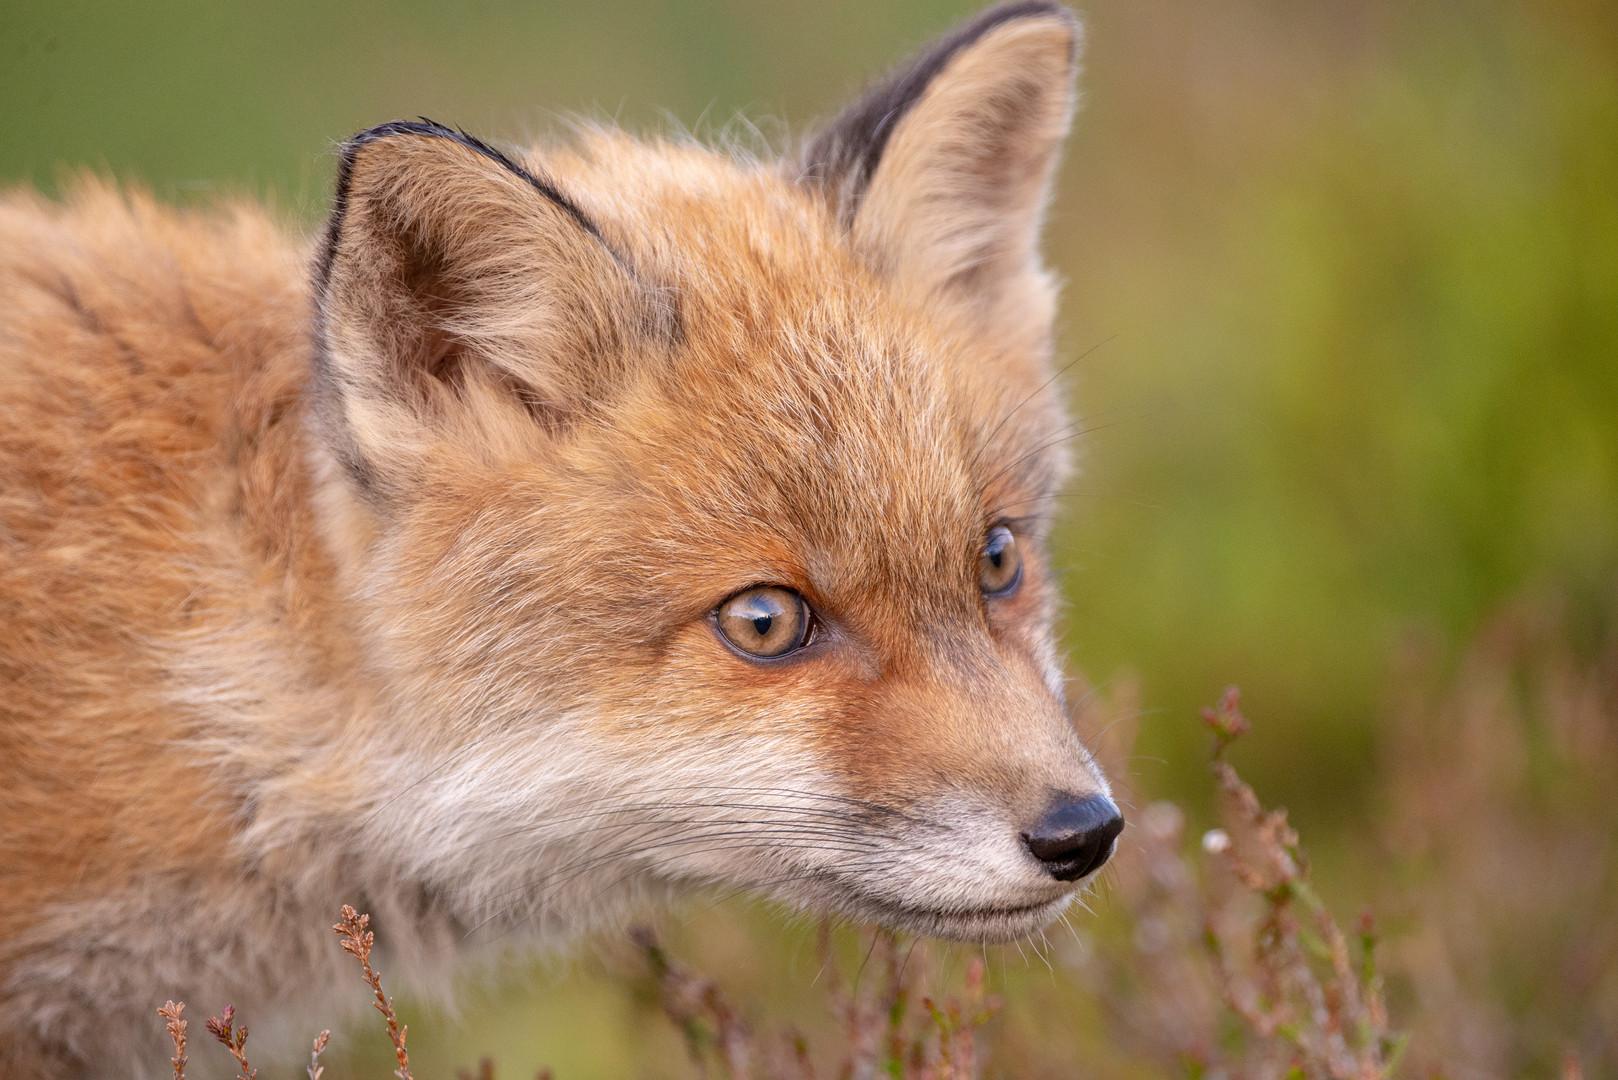 Fox cub taken at night